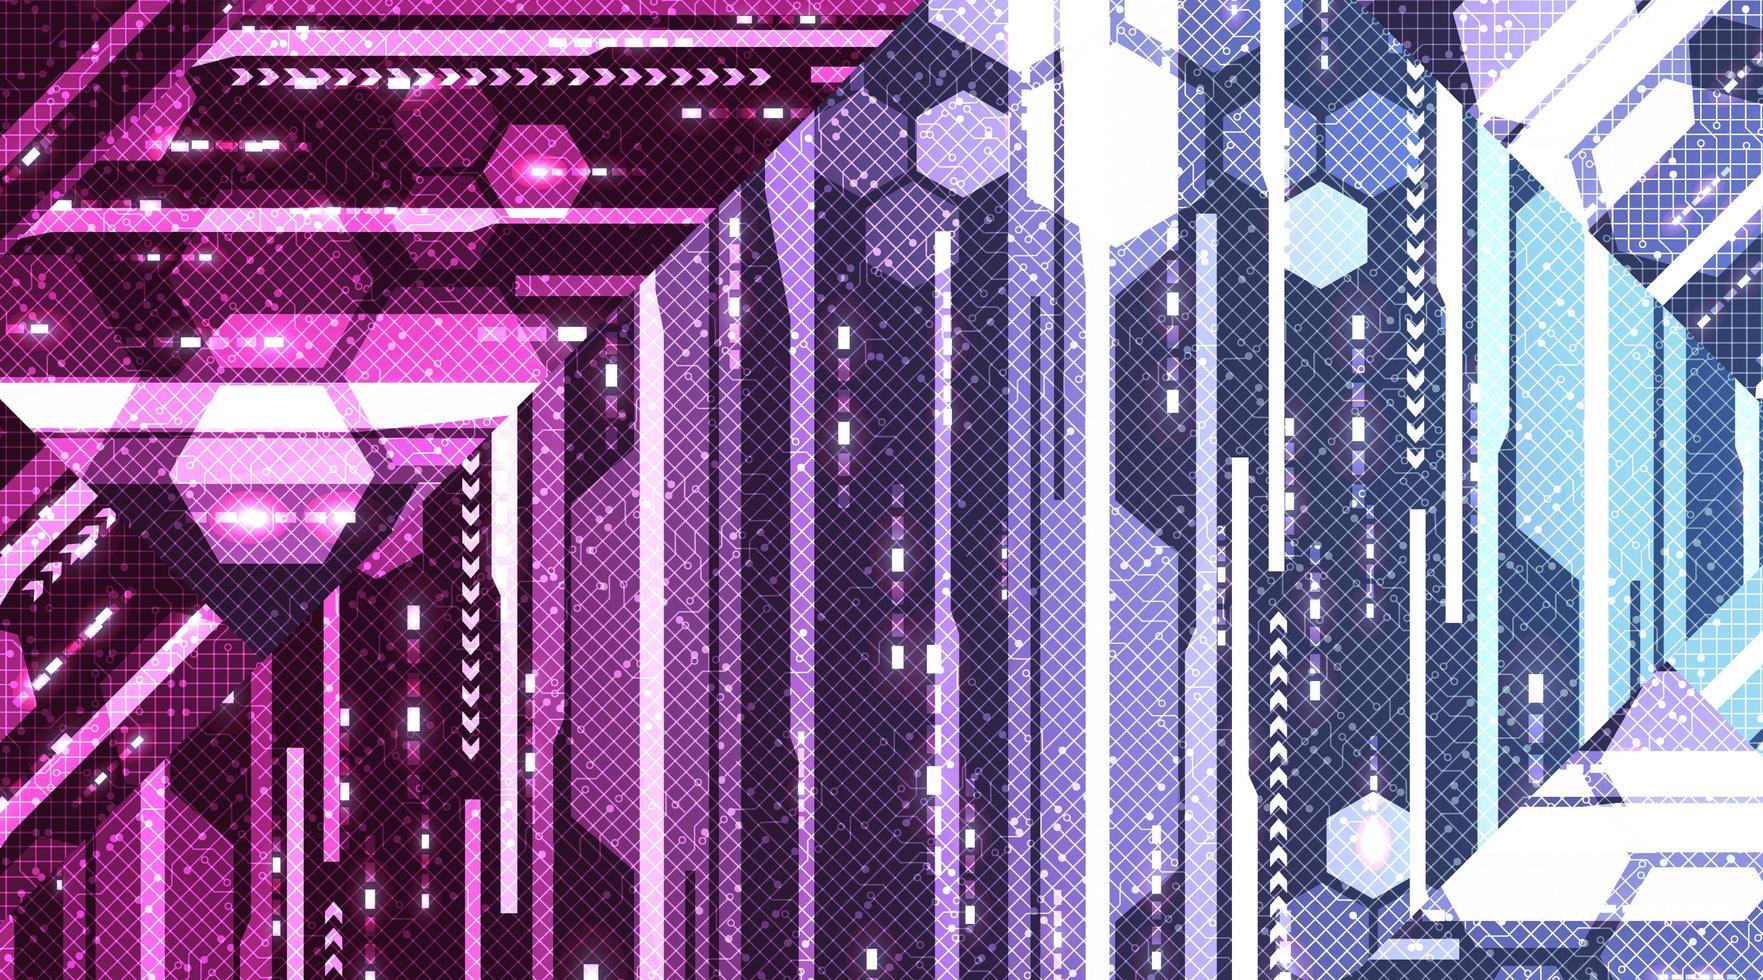 sfondo di tecnologia del sistema di scheda di circuiti digitali, design concept hi-tech e internet, illustrazione vettoriale. vettore